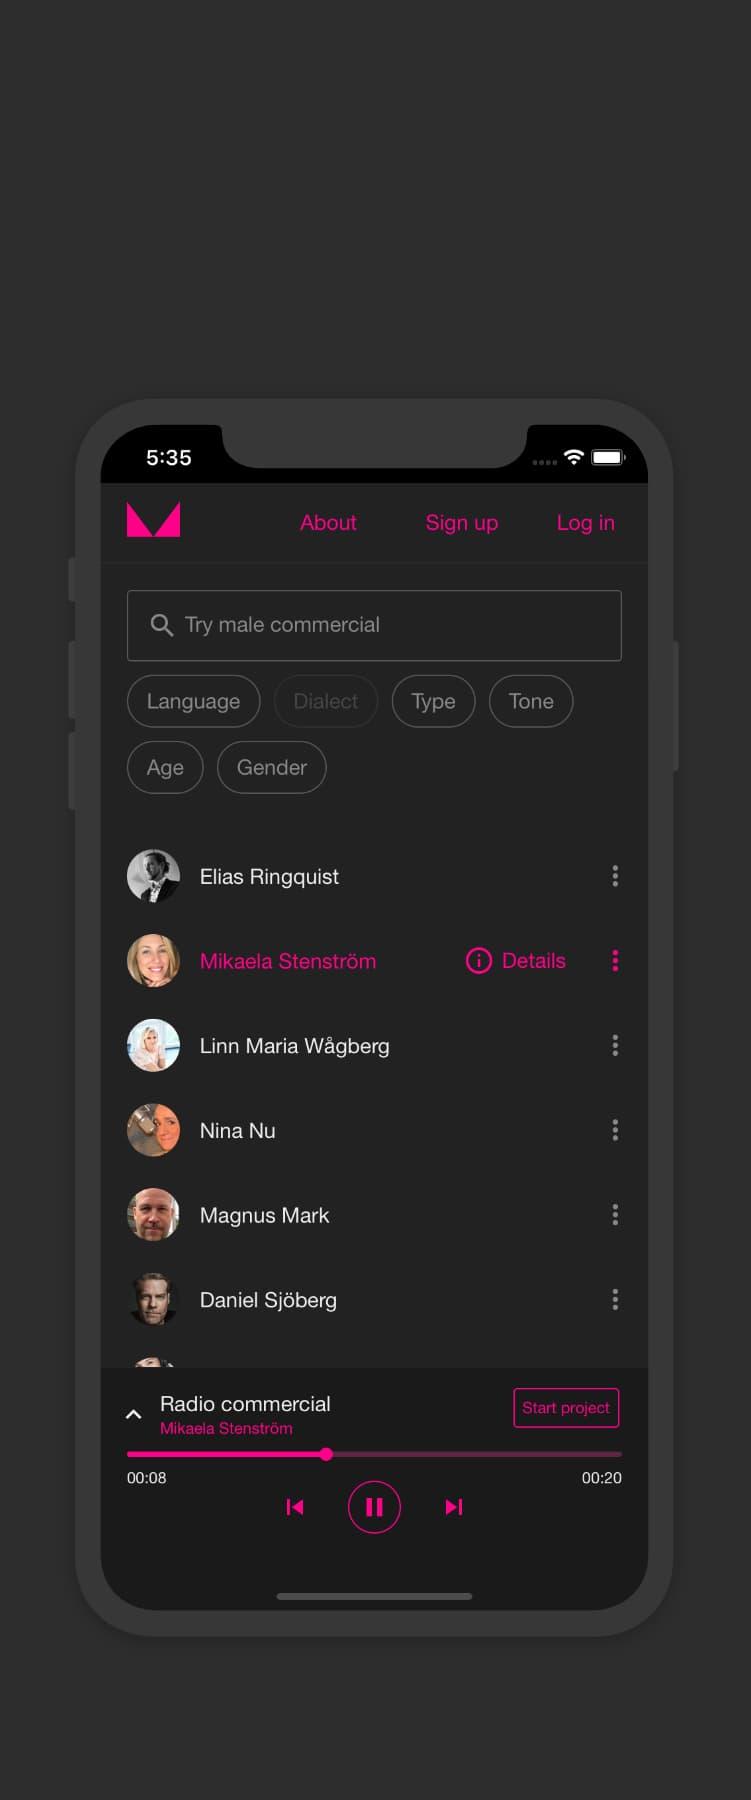 Skärmdump som visar hur Voicemachine ser ut på en mobil. Voicemachine ger möjlighet att söka röster och lyssna på deras röstdemos.